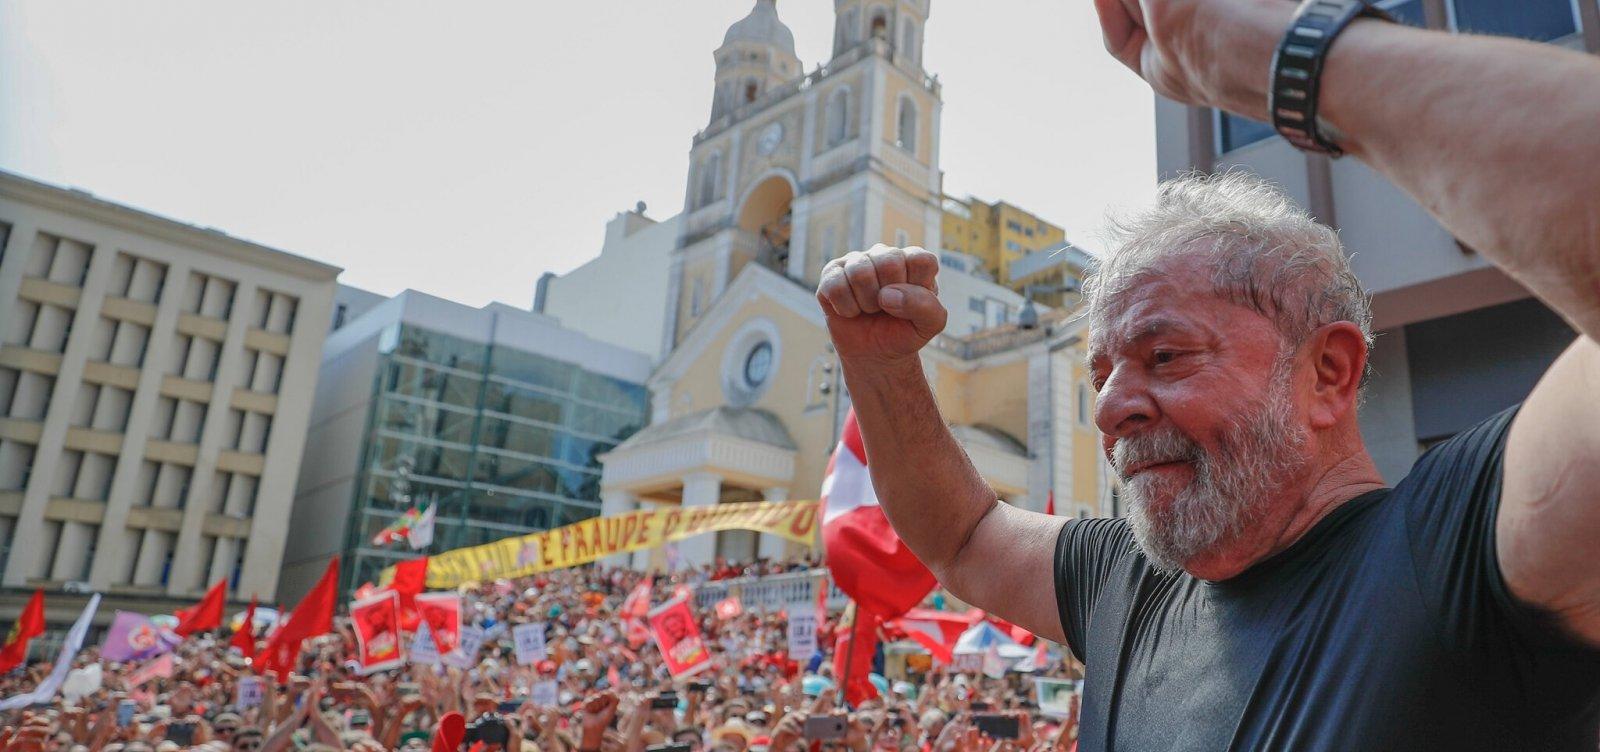 [Lula planeja rodar o país em caravana caso seja solto]